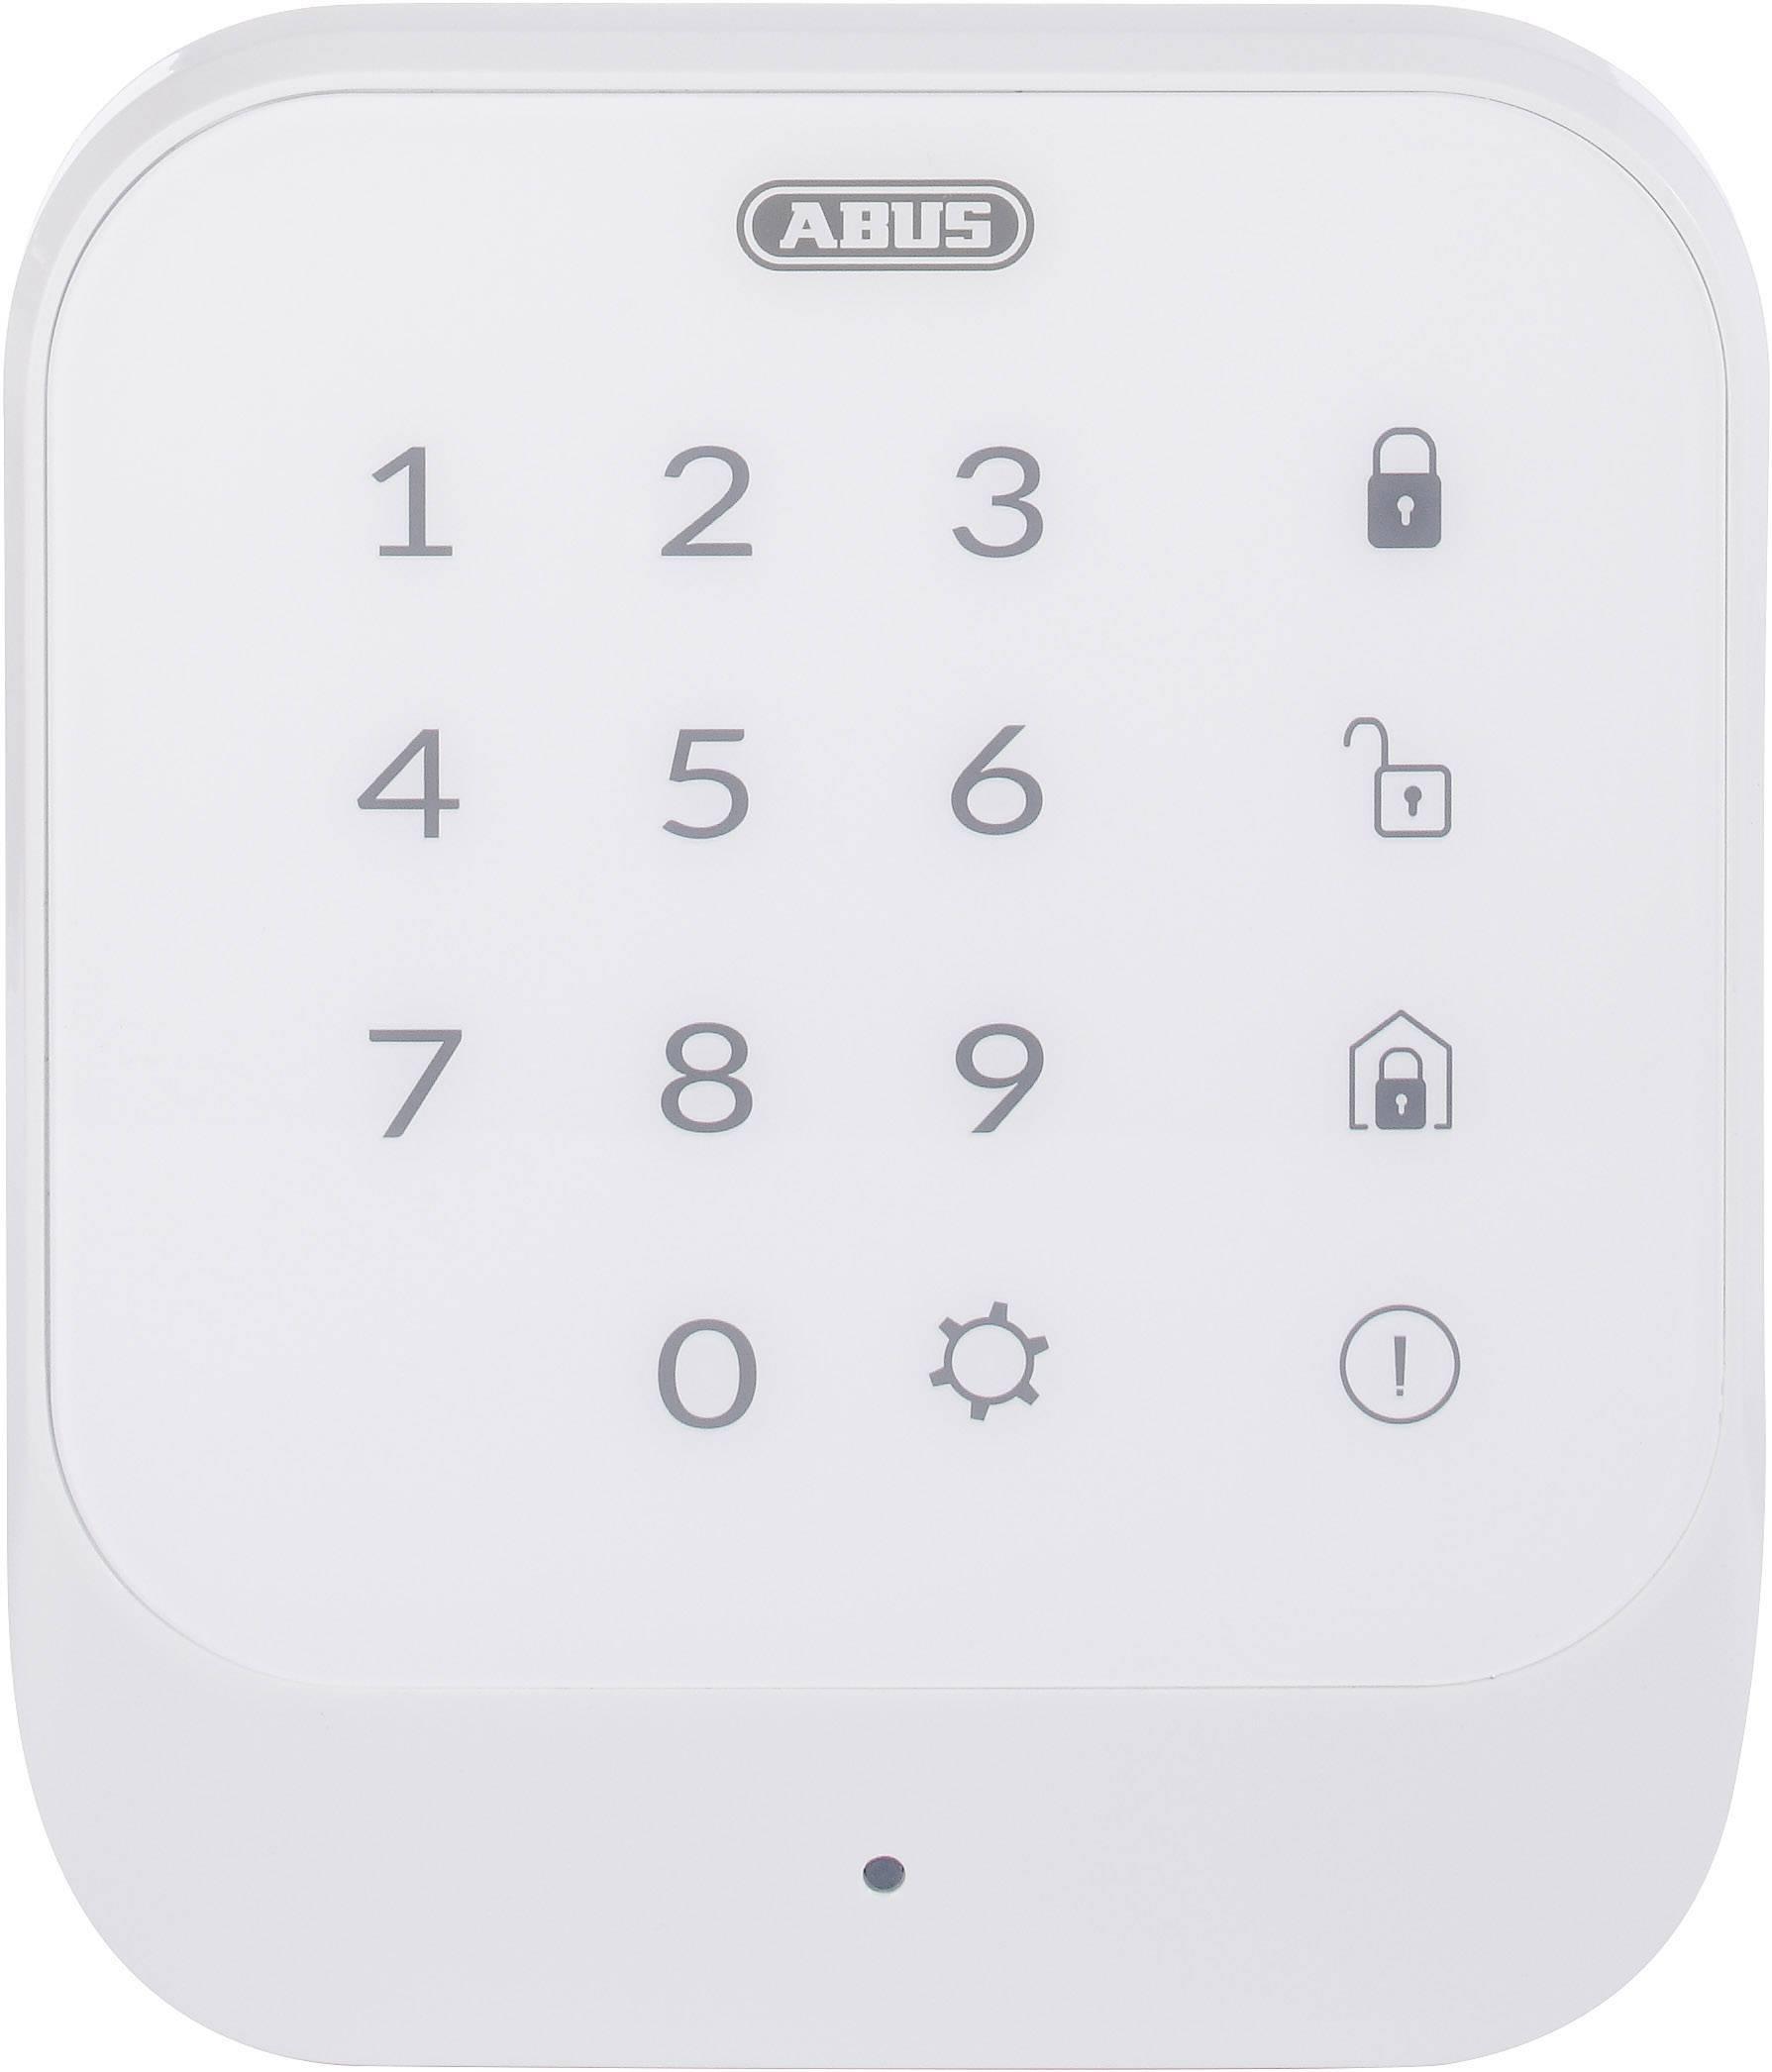 Rozšíření bezdrátového alarmu, bezdrátová obslužná část s RFID čtečkou ABUS Smartvest, ABUS Smart Security World FUBE35011A